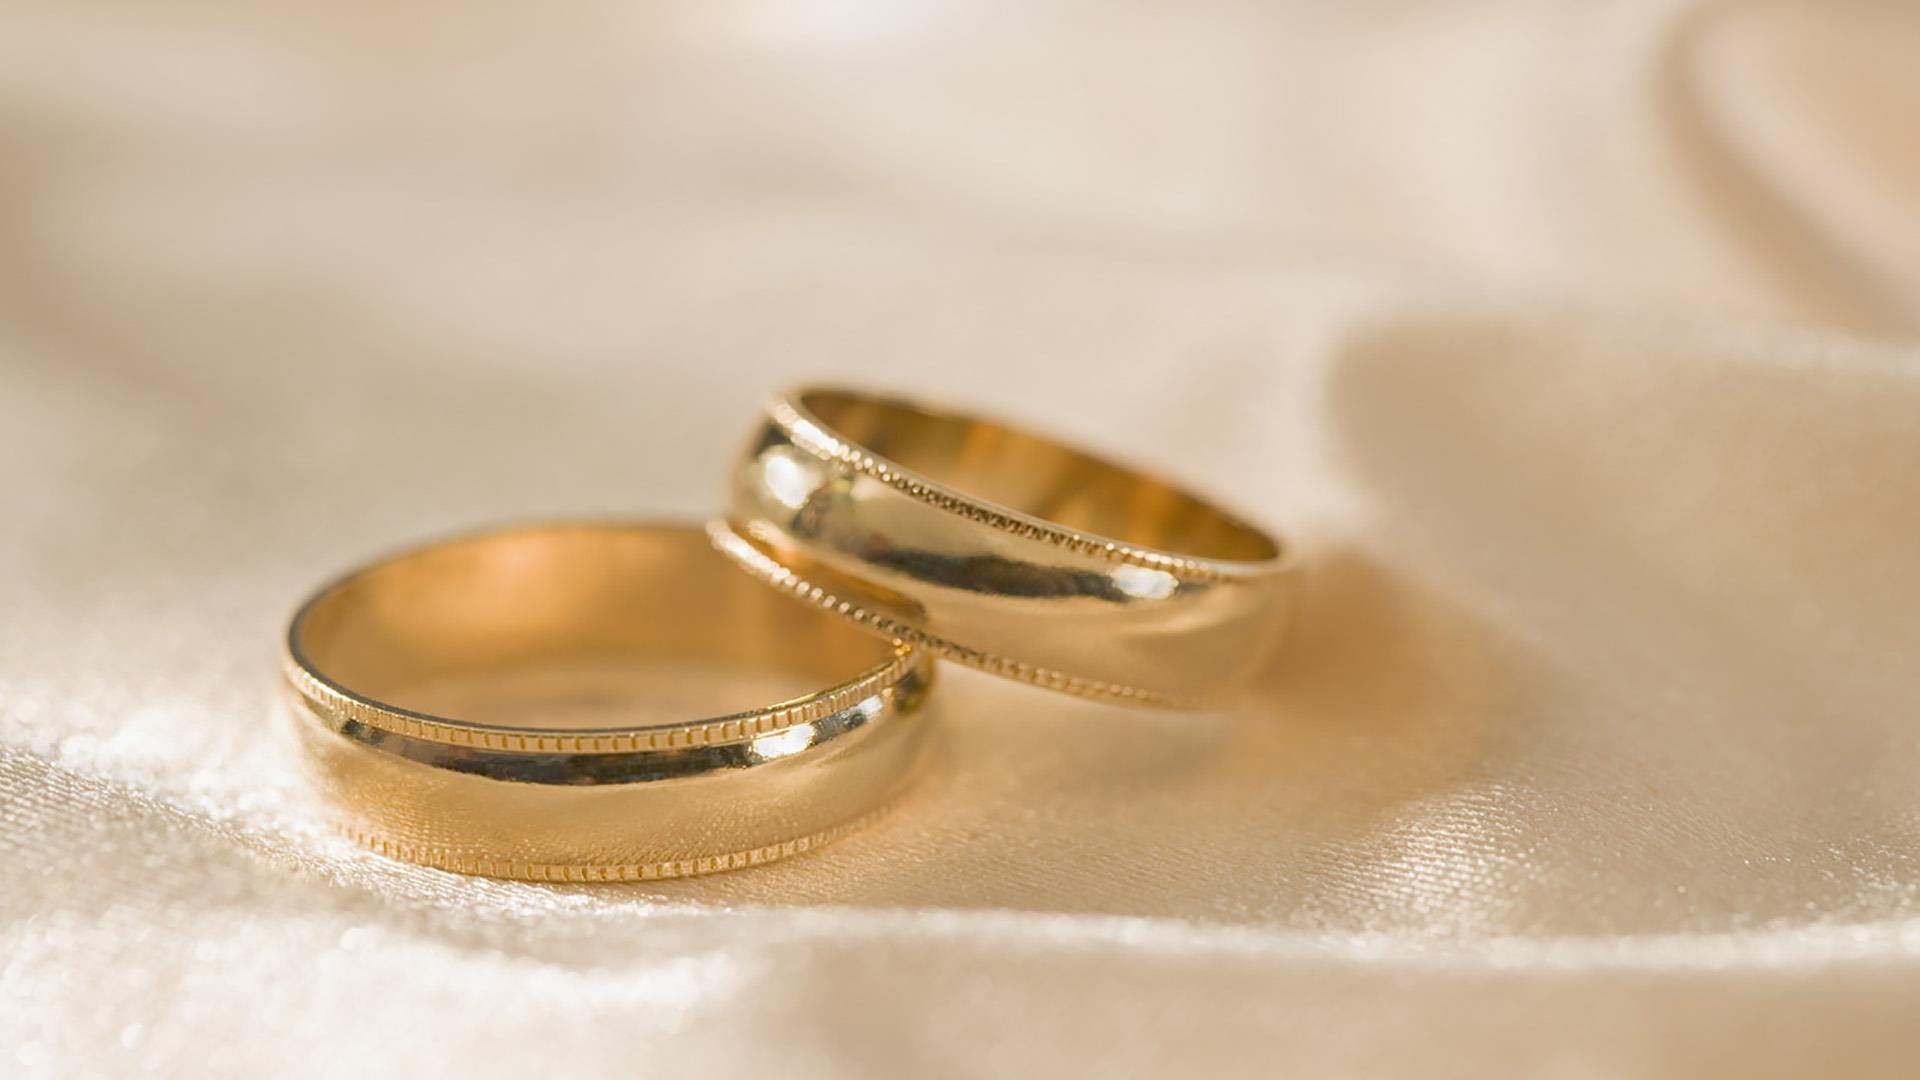 ازدواج سفید یعنی زندگی زوجین بدون ازدواج رسمی